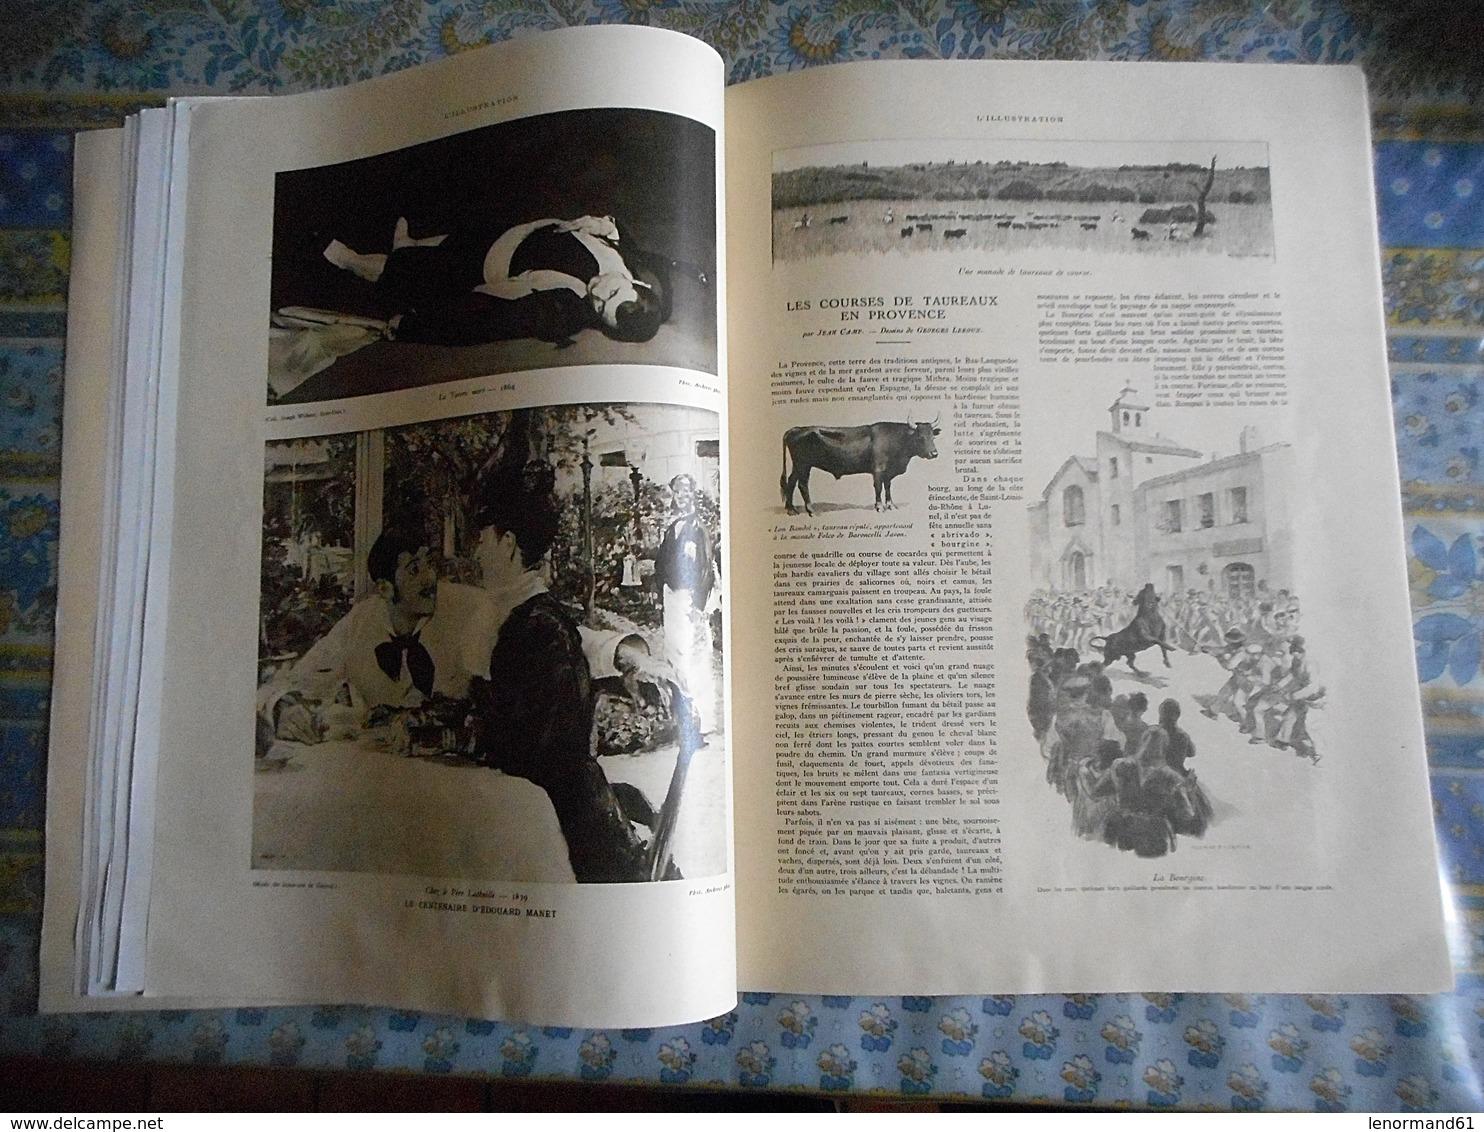 L ILLUSTRATION 09/07/1932 FEMME JOCKEY MAISONS LAFITTE FOCH LISIEUX ASSOUAN EGYPTE NIL MANET ARLES TAUREAU VENDEE AUVERG - Journaux - Quotidiens